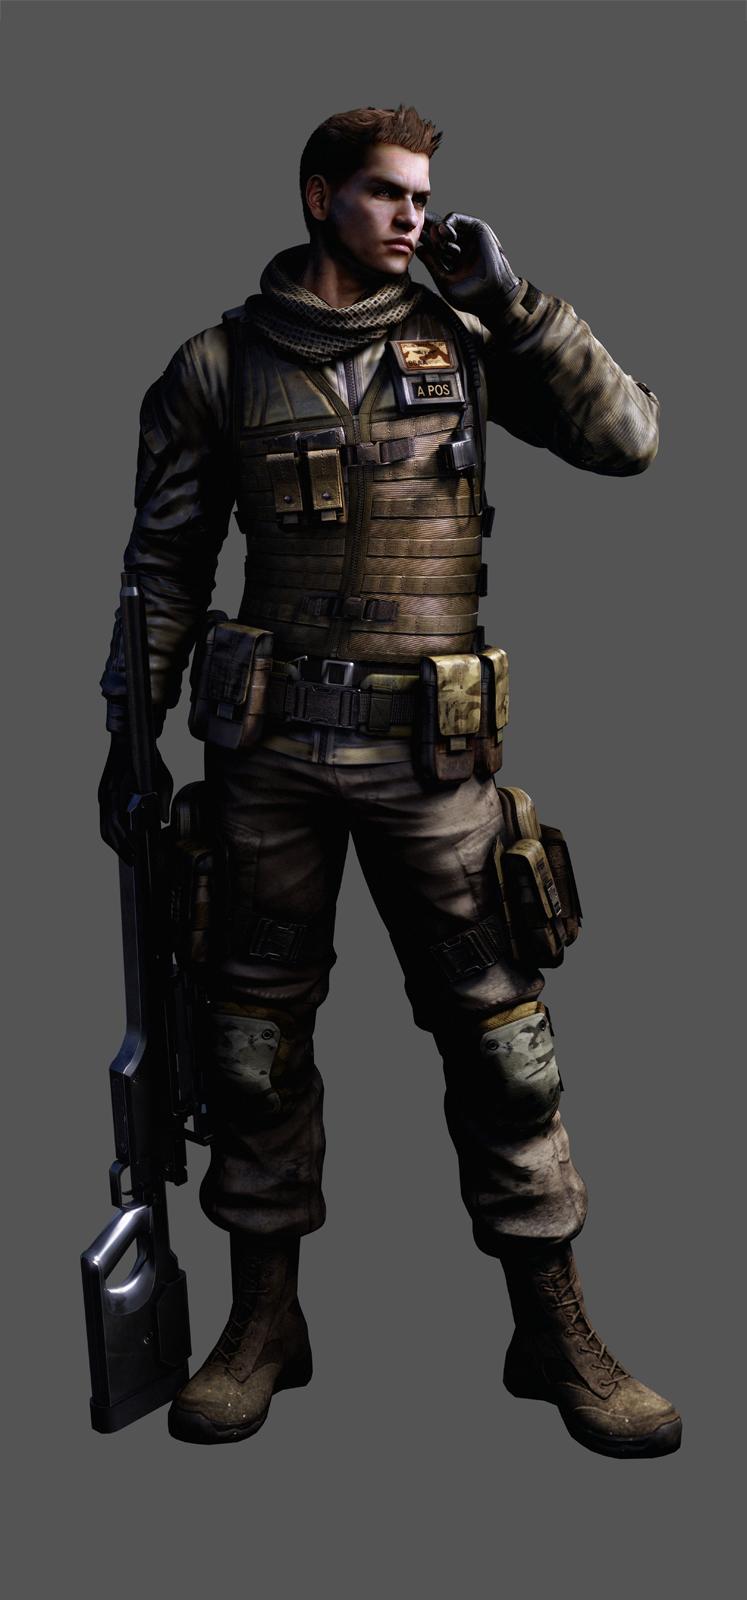 Piers Nivans Resident Evil Wiki Fandom